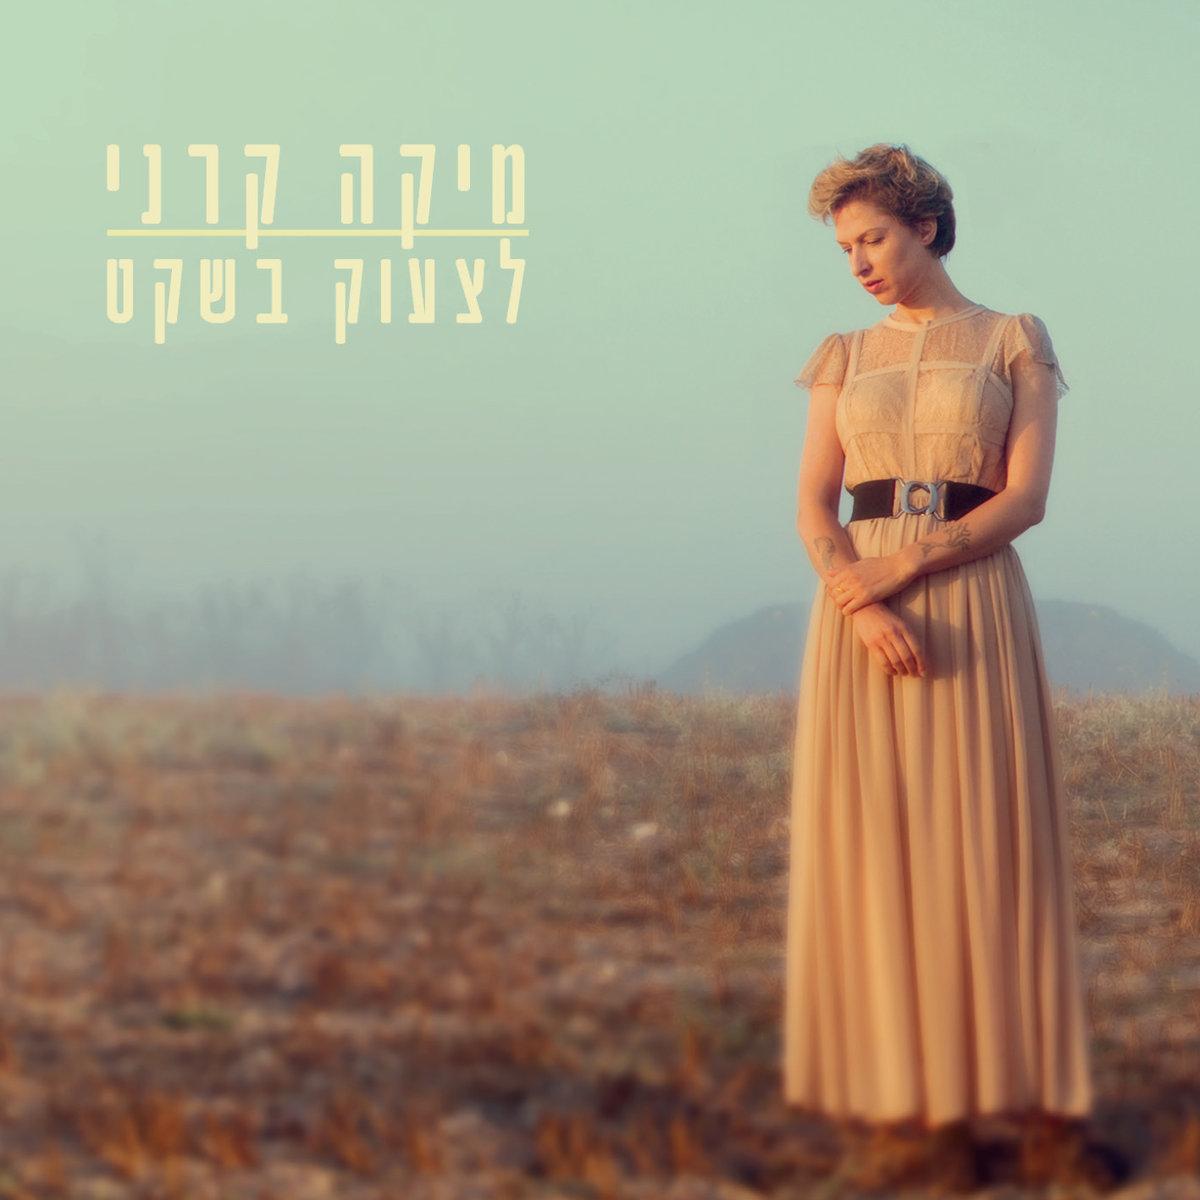 מיקה קרני - לצעוק בשקט אלבום להורדה